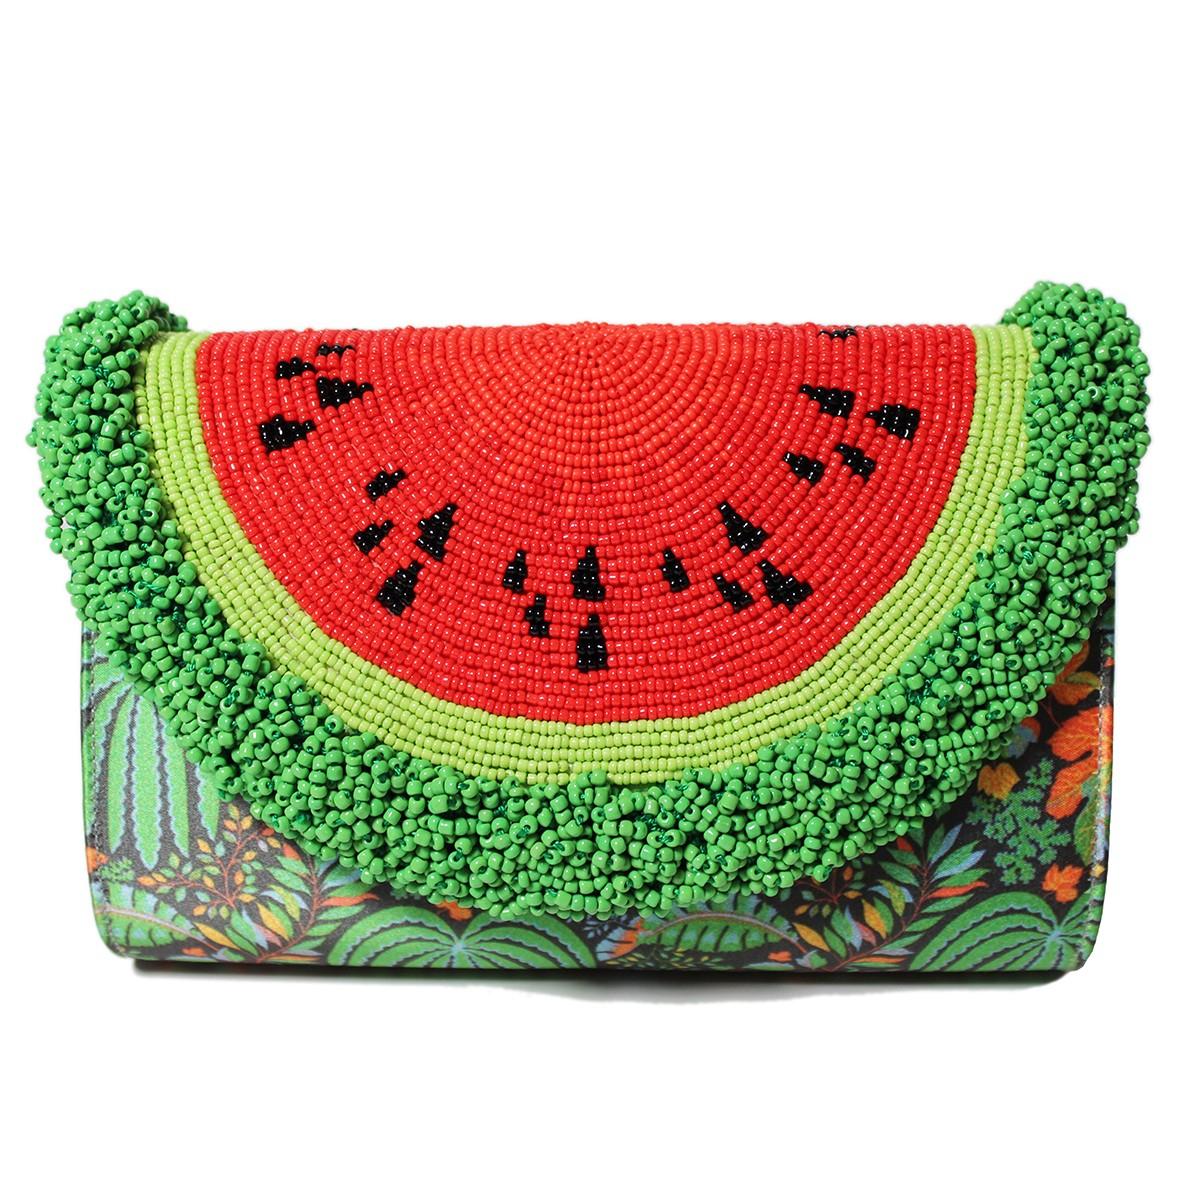 Sarah's bag Curve Watermelon Deco Clutch